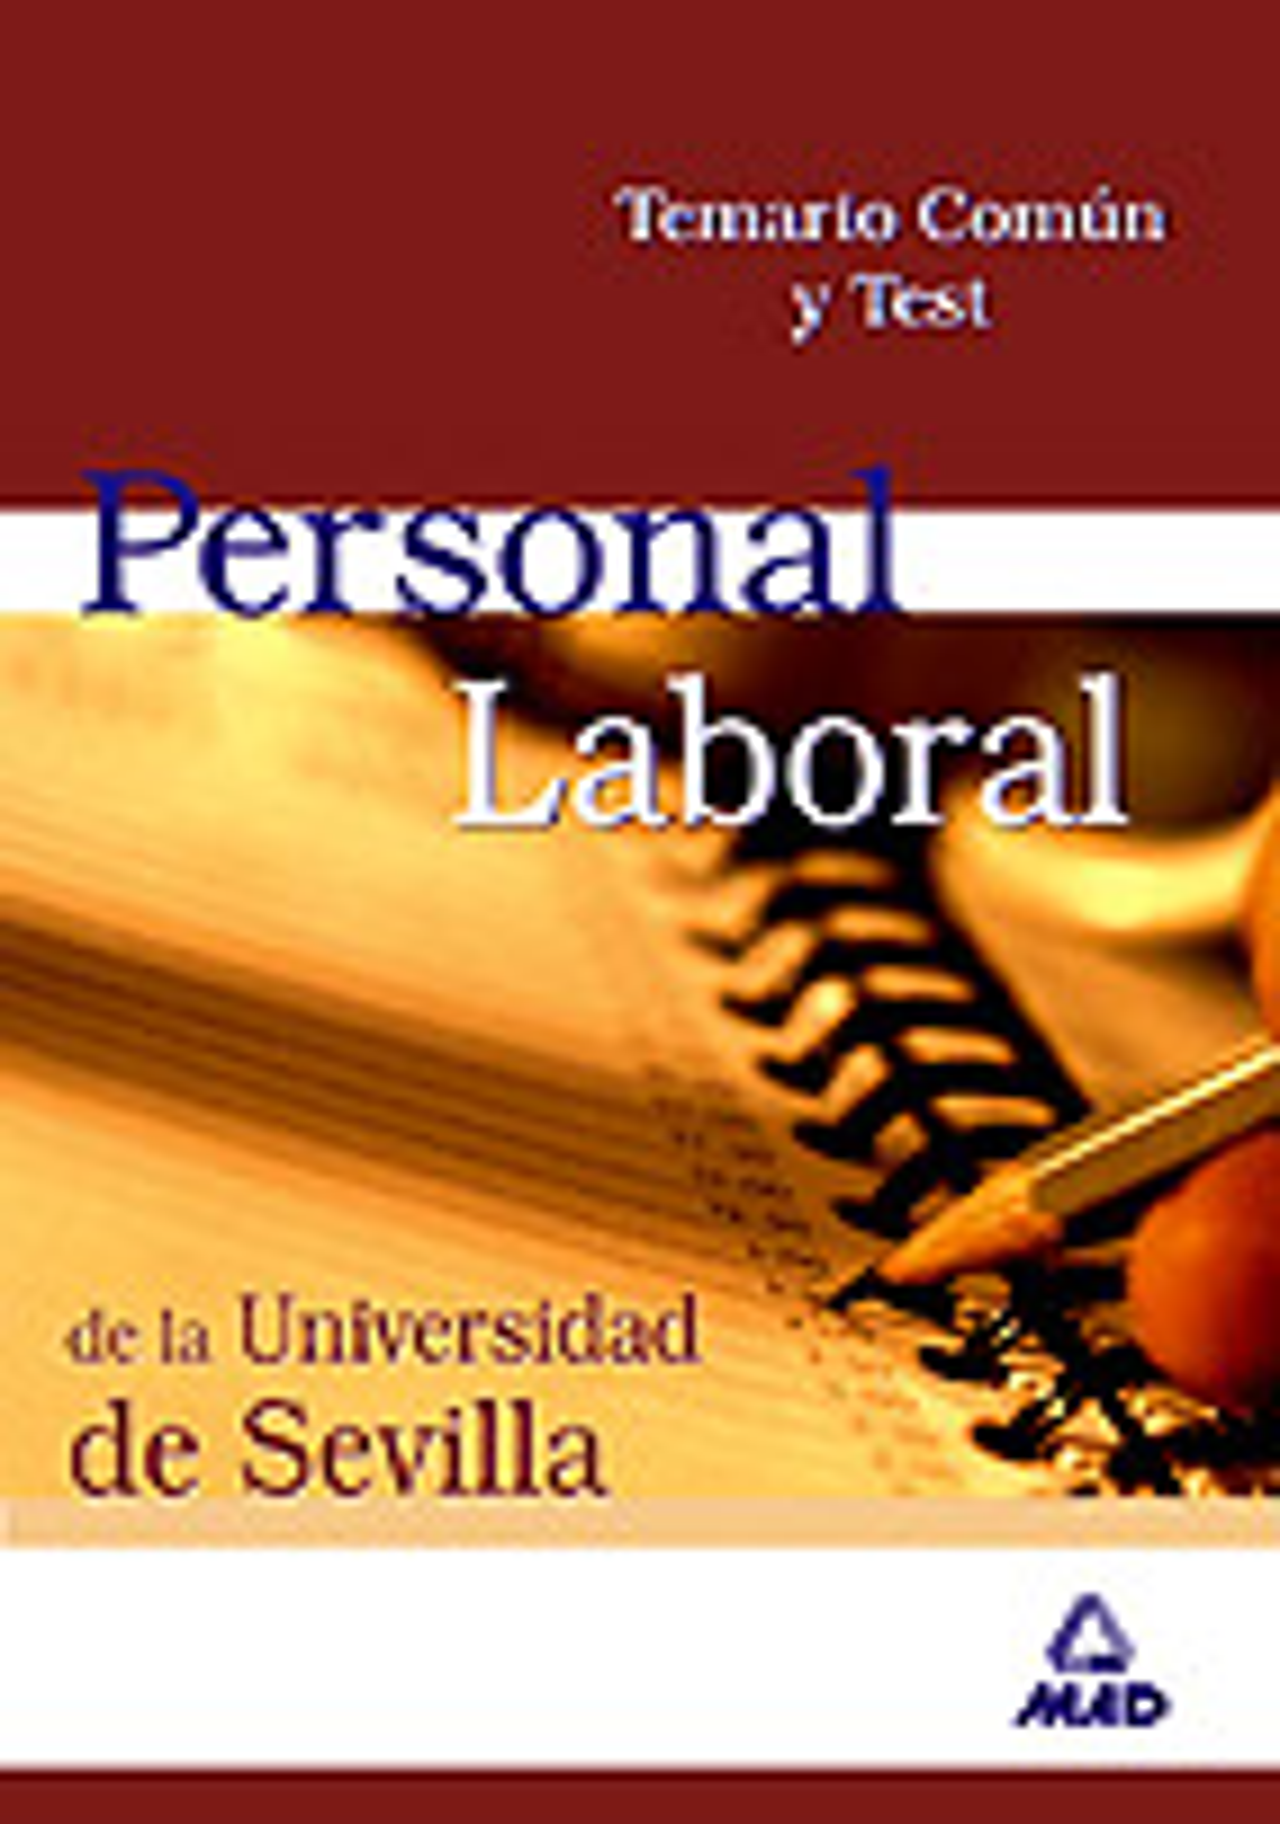 Personal Laboral De La Universidad De Sevilla (grupo V): Temario Comun Y Test por Vv.aa.